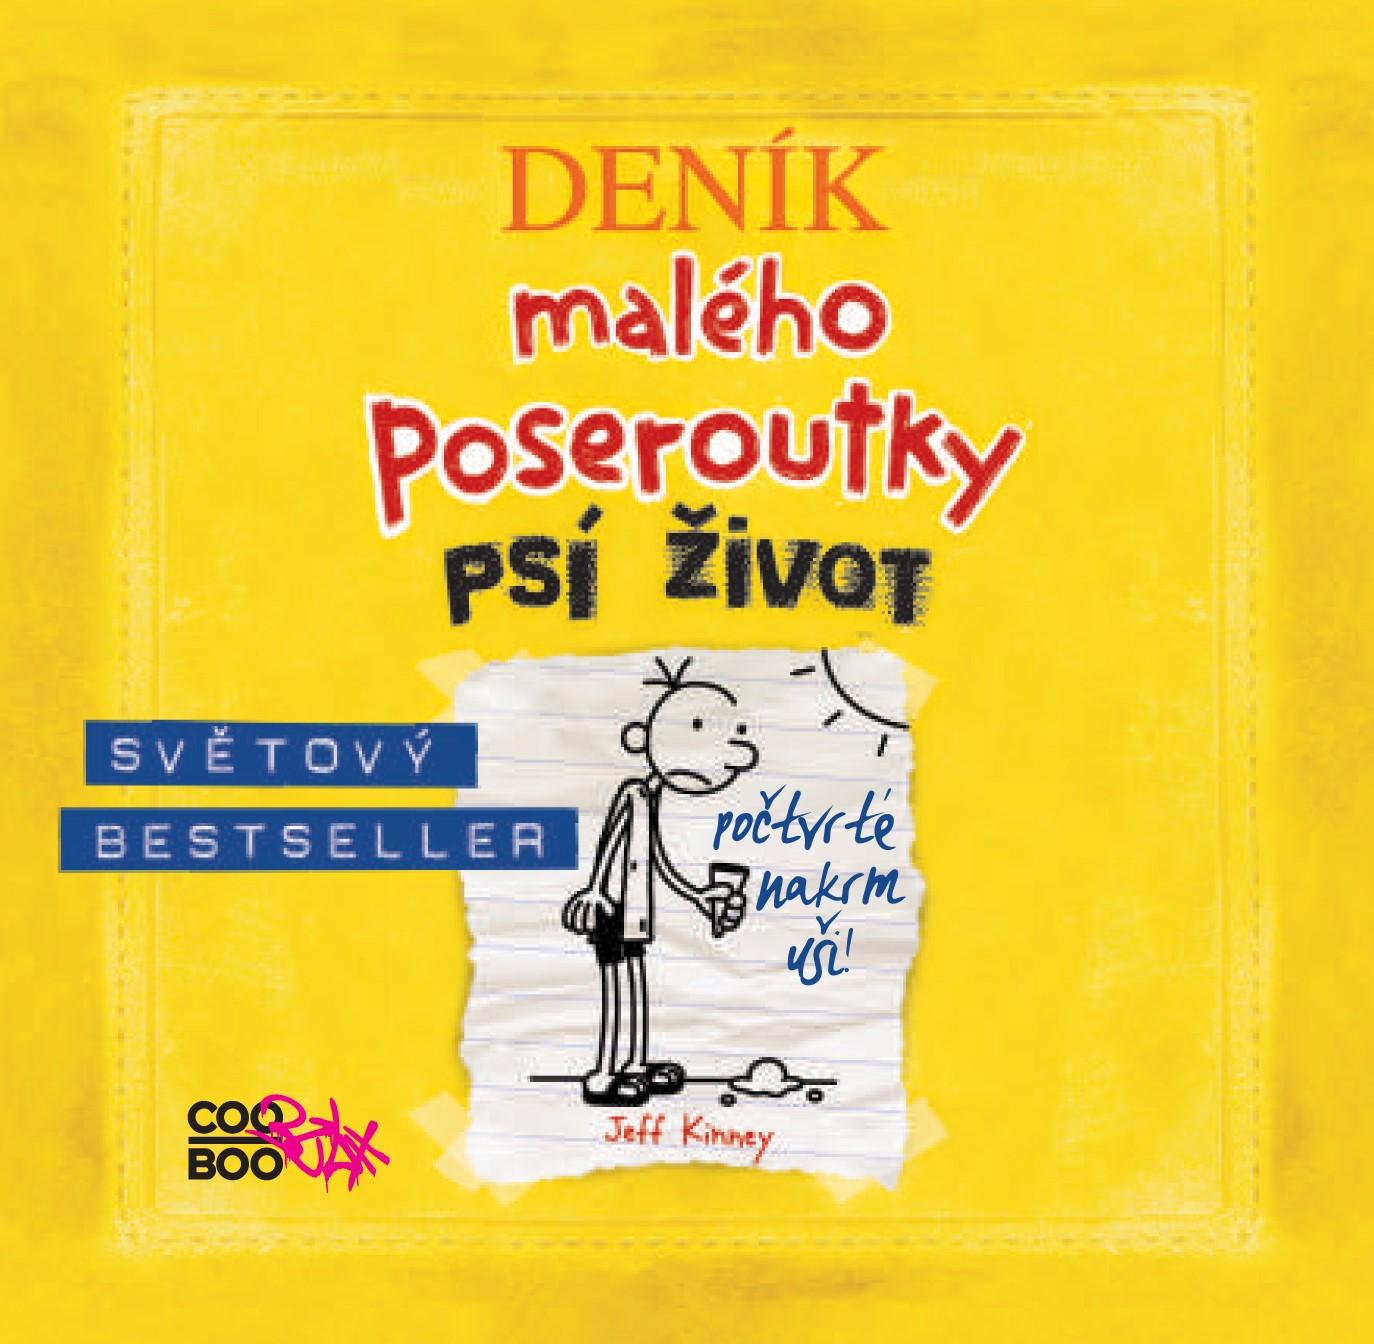 Deník malého poseroutky 4 - audio CD | Václav Kopta, Jeff Kinney